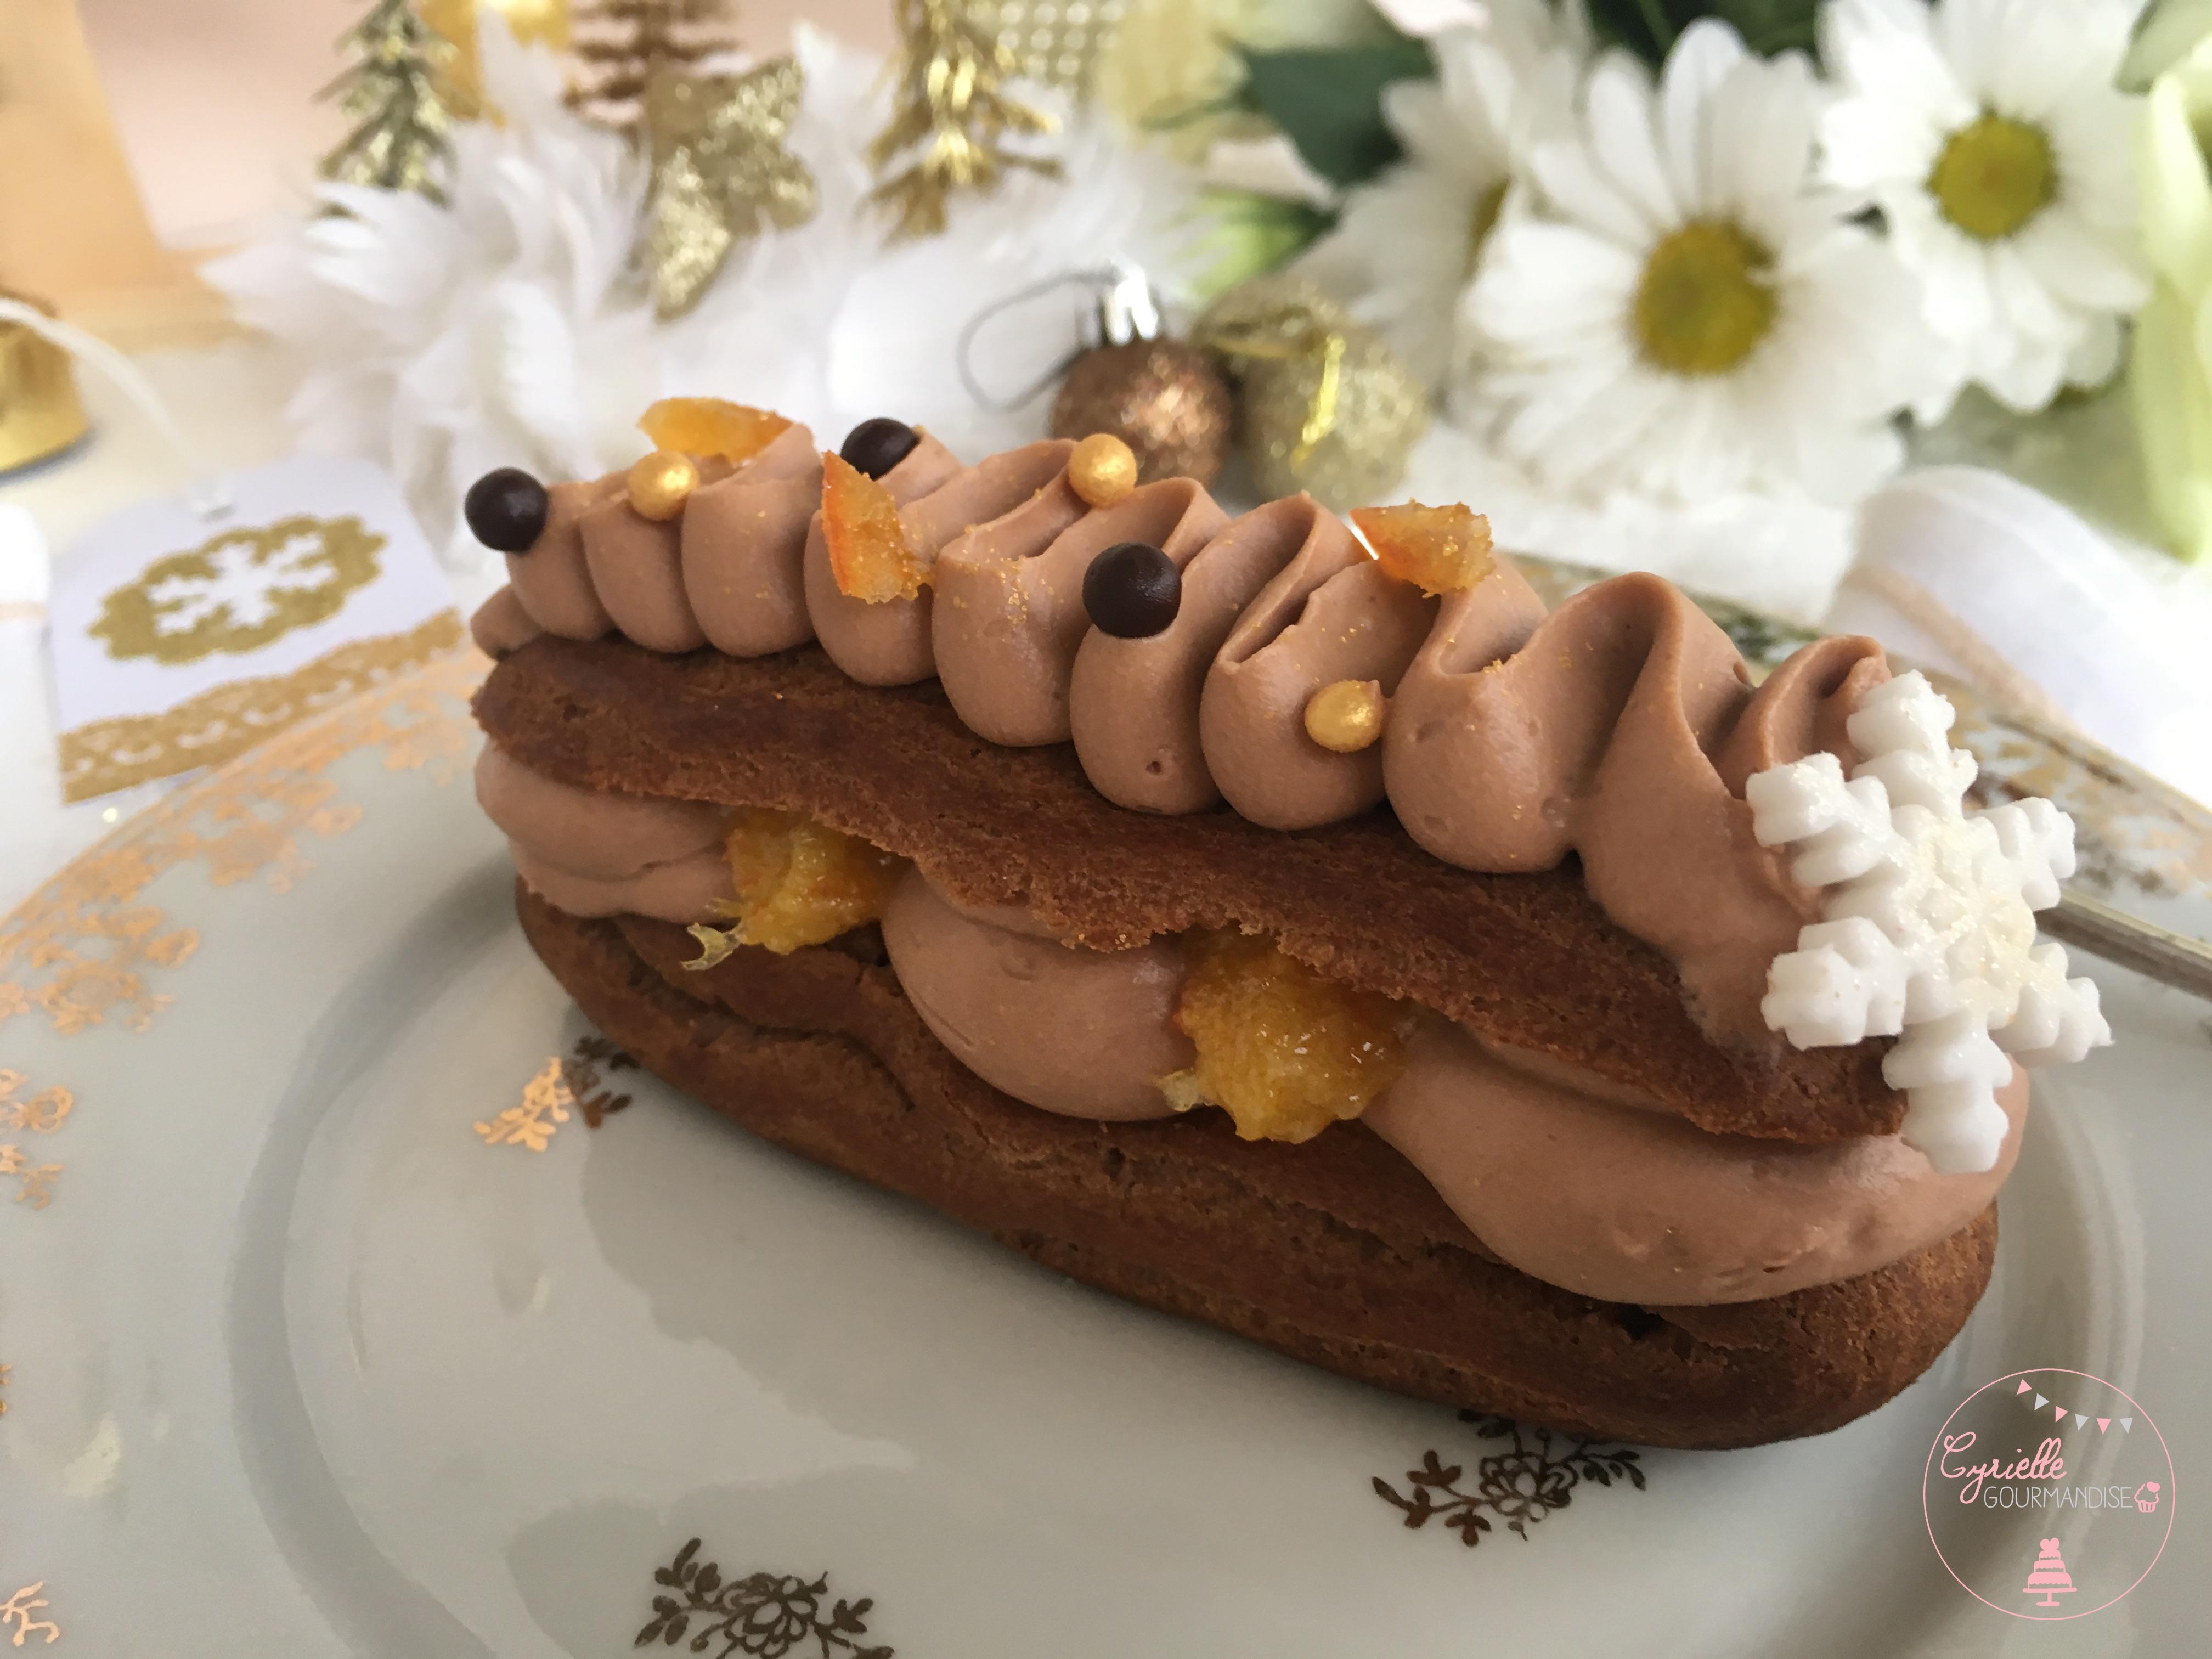 eclair-de-noel-chocolat-clementine-3